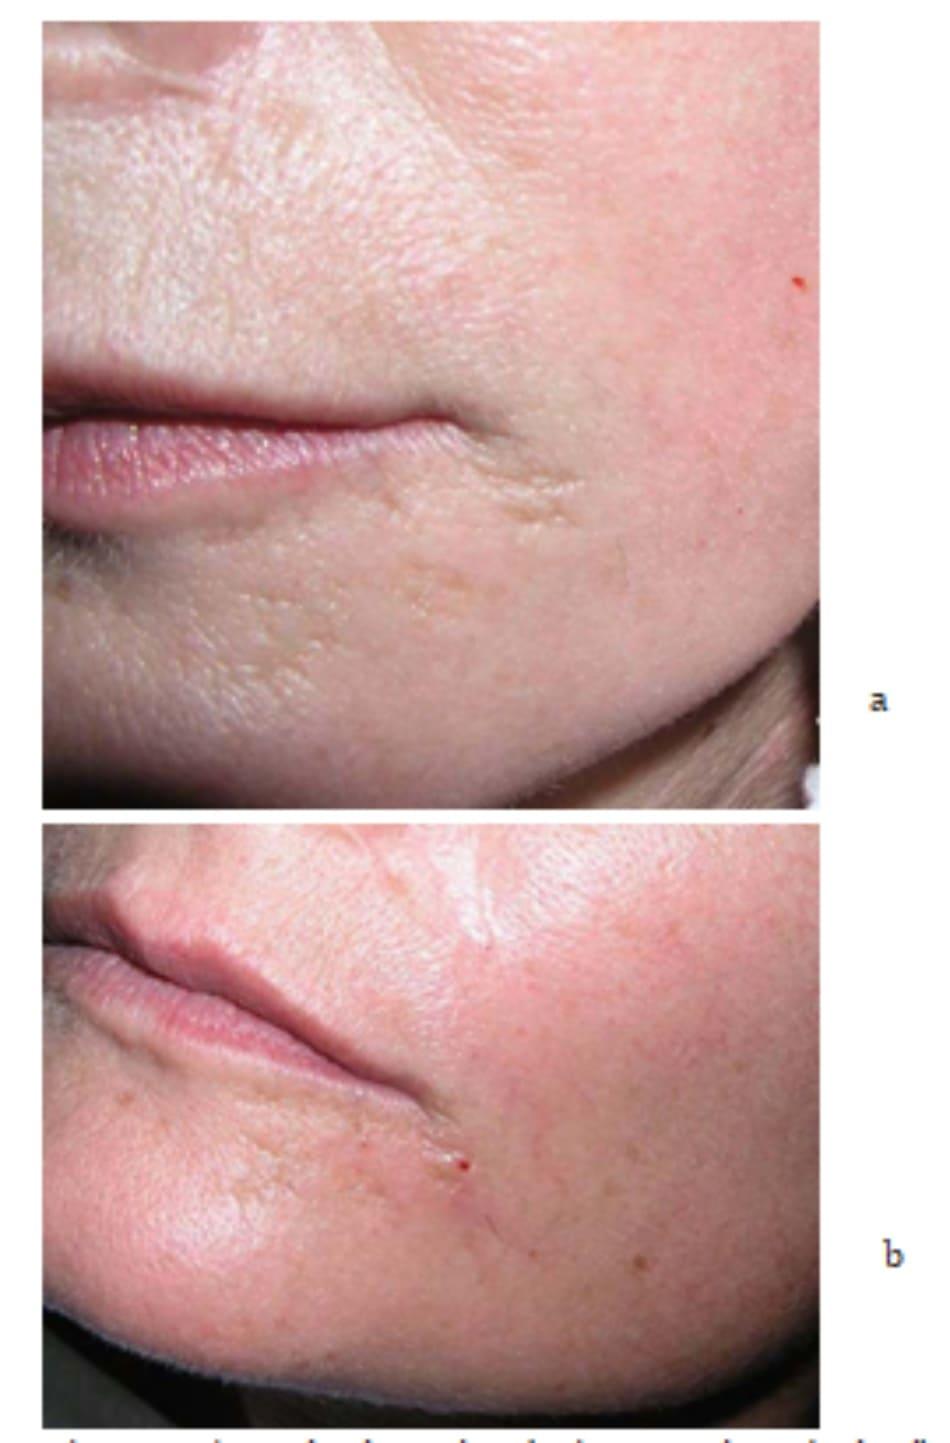 Hình 7.14 Cùng một bệnh nhân với hình 7.9; thậm chí một nốt sẹo nhỏ ở quanh miệng (a) cũng có thể được điều trị bằng phương pháp mesother- apy (b). Nốt sẹo tuy không biến mất nhưng được làm tăng khả năng giữ nước và cải thiện cấu trúc da.